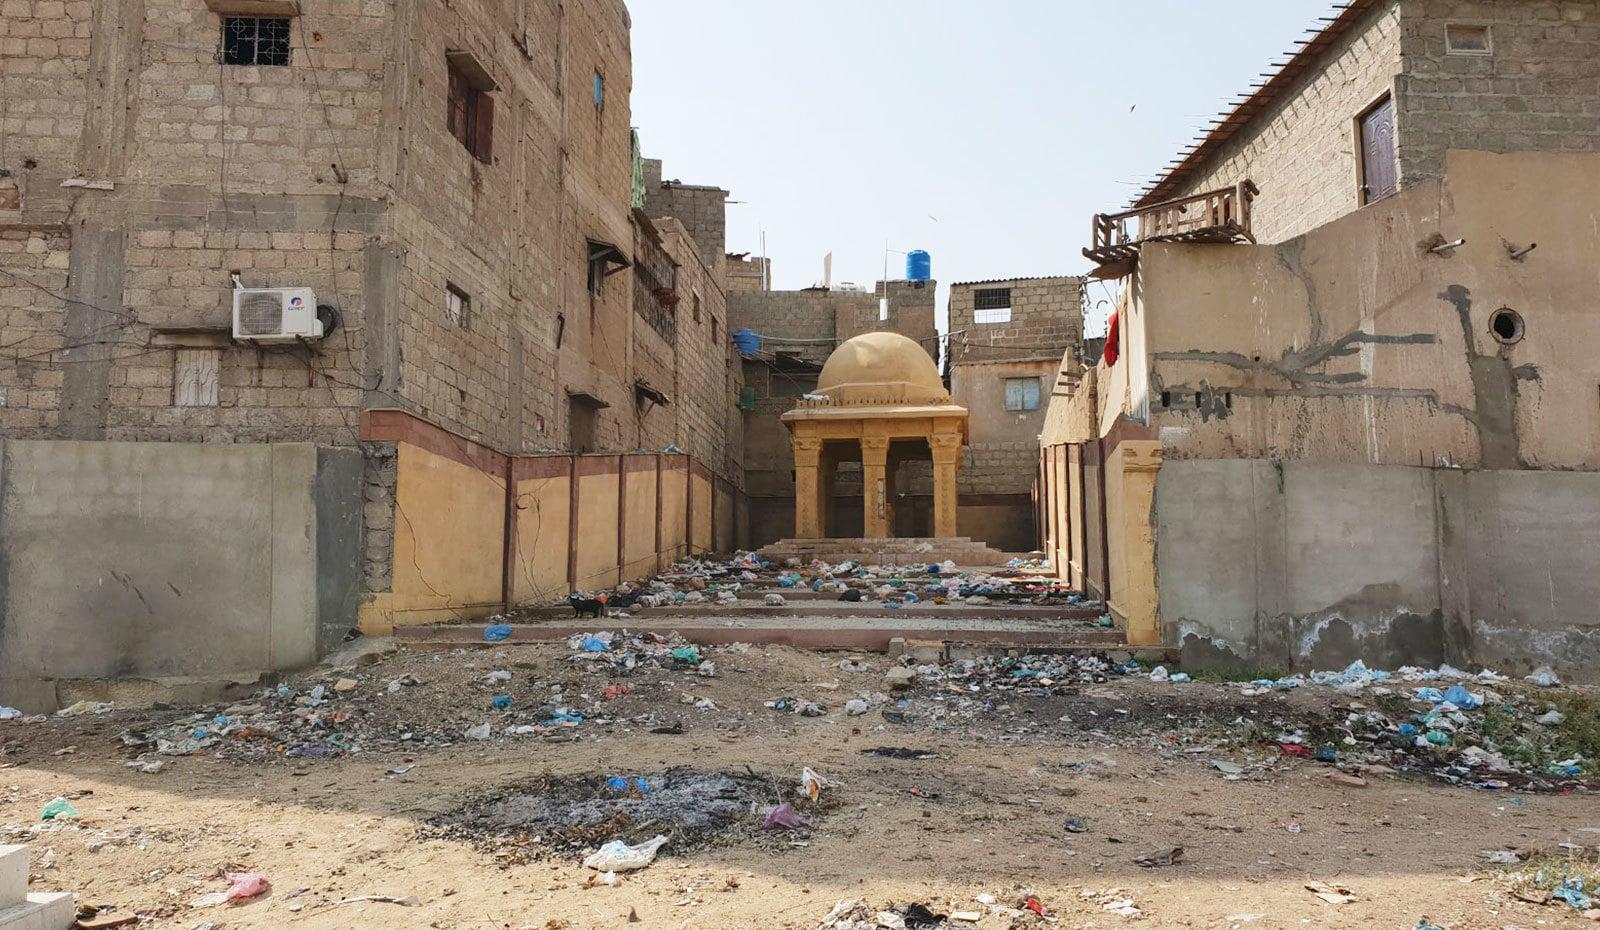 قبرستان میں موجود شہزادی کے مقبرے کو قبضہ مافیا سے خطرہ لاحق ہے—تصاویر: وقار محمد خان